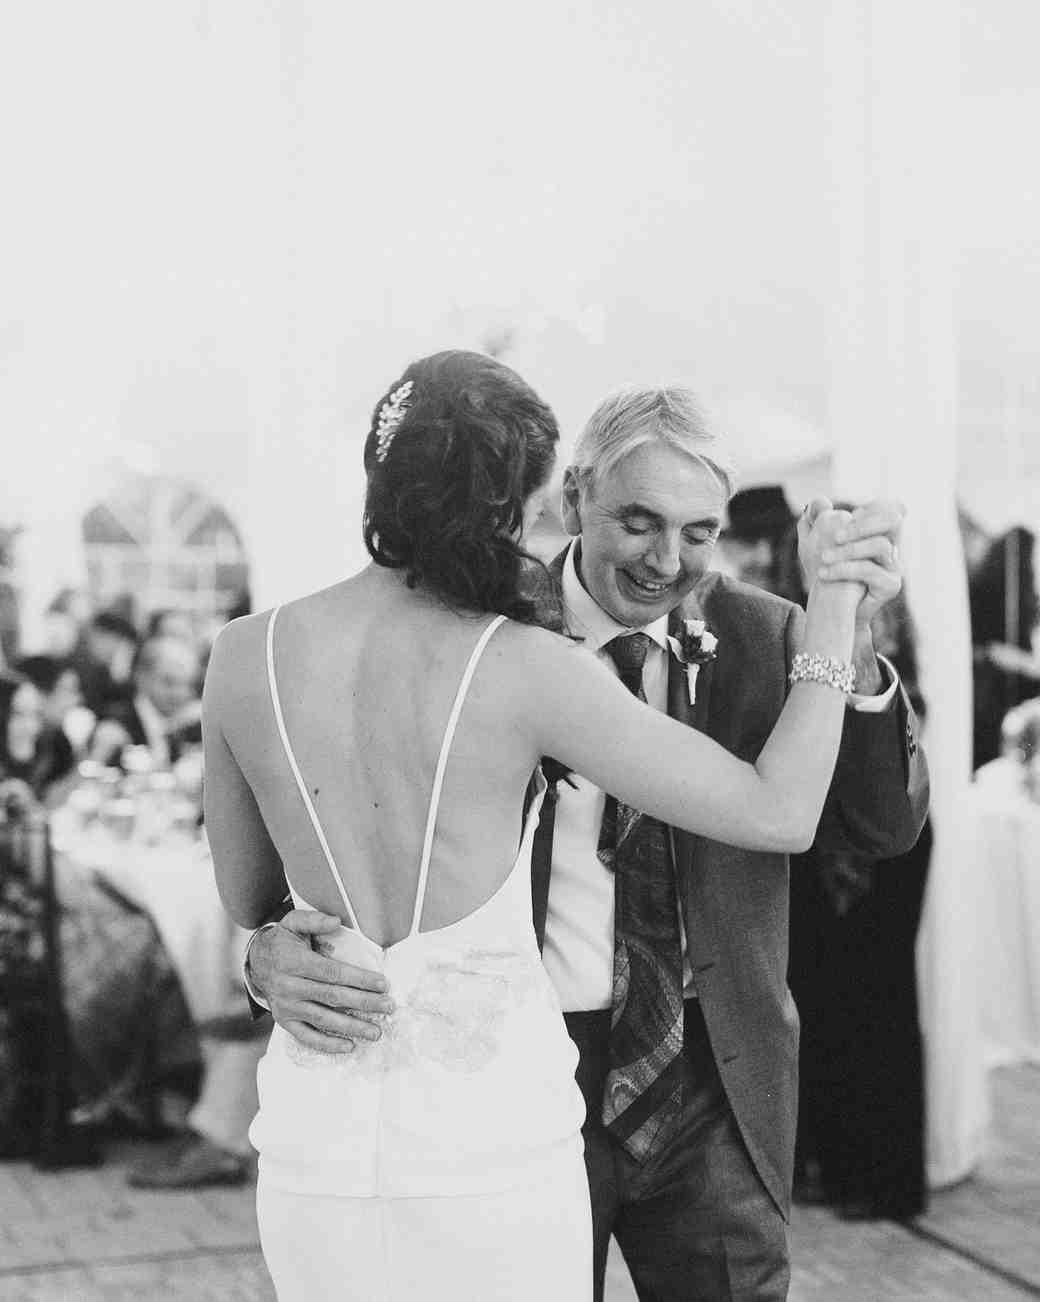 rosie-constantine-wedding-daddance-529-s112177-1015.jpg